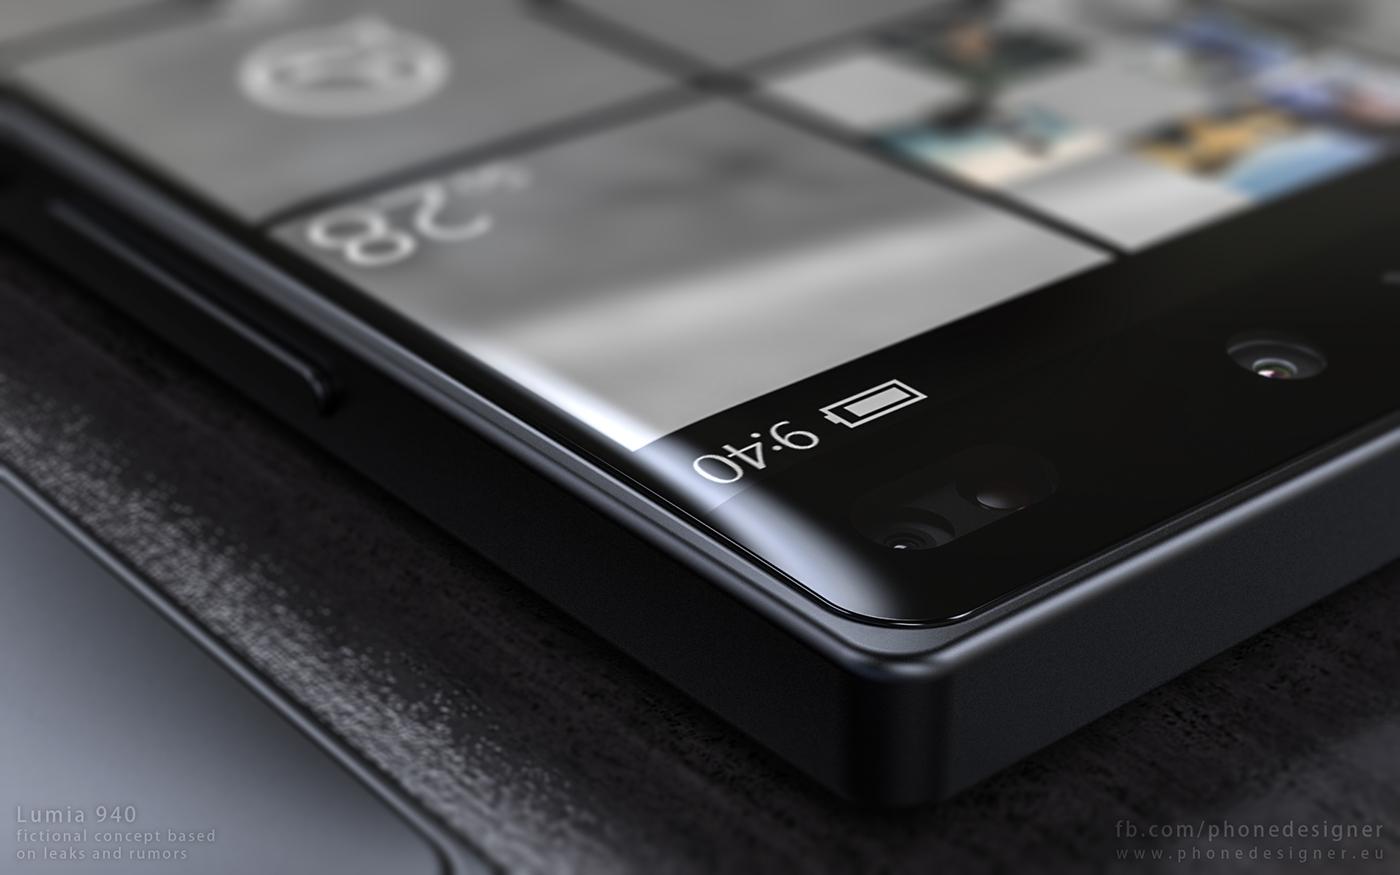 Lumia 940 Concept 8